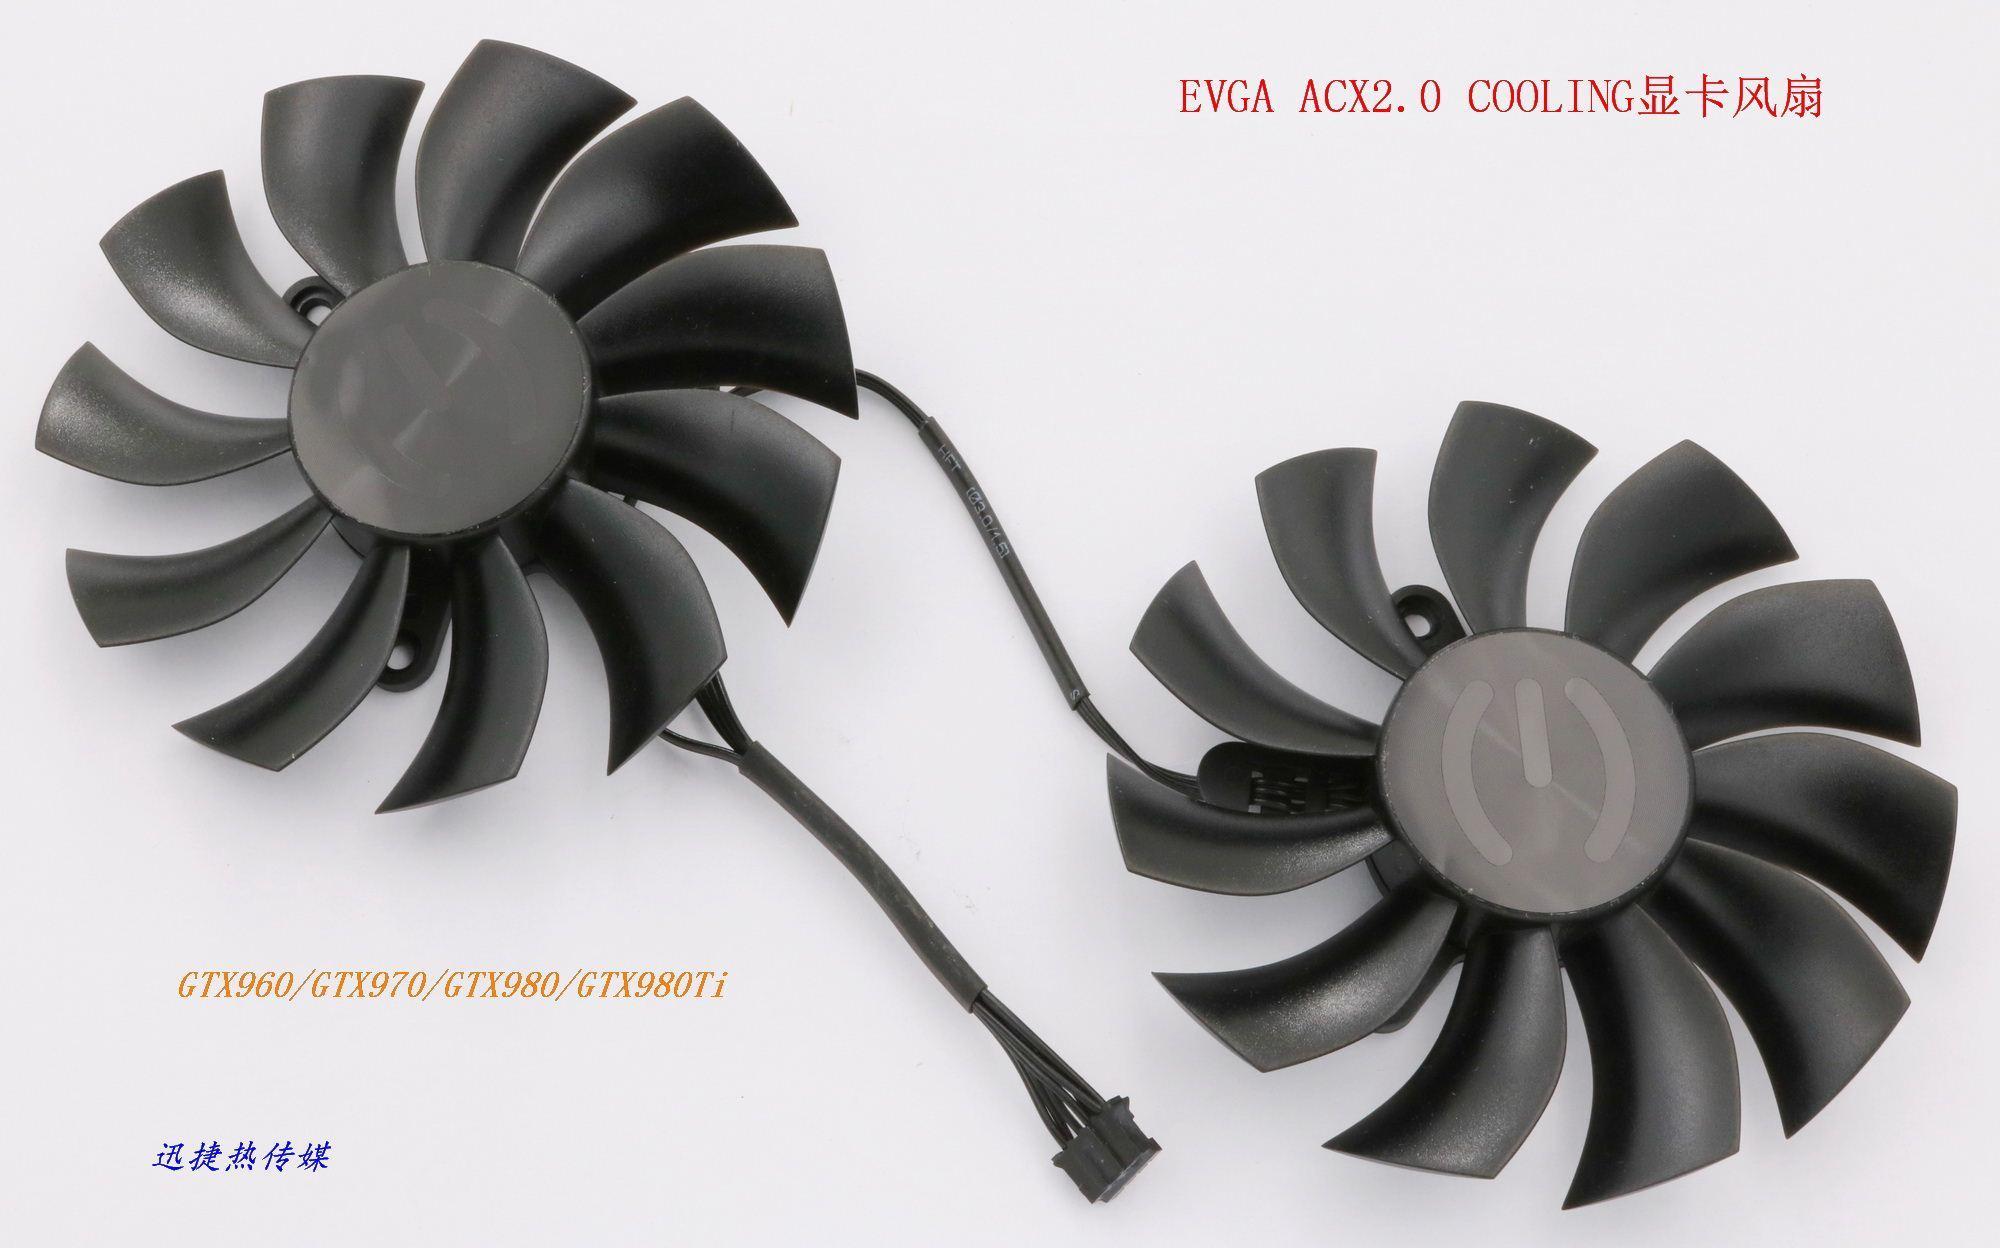 Новая оригинальная логика питания PLA09215B12 12V 0.55 A EVGAGTX960 / 970/980 / 980Ti ACX2.0 вентилятор охлаждения видеокарты